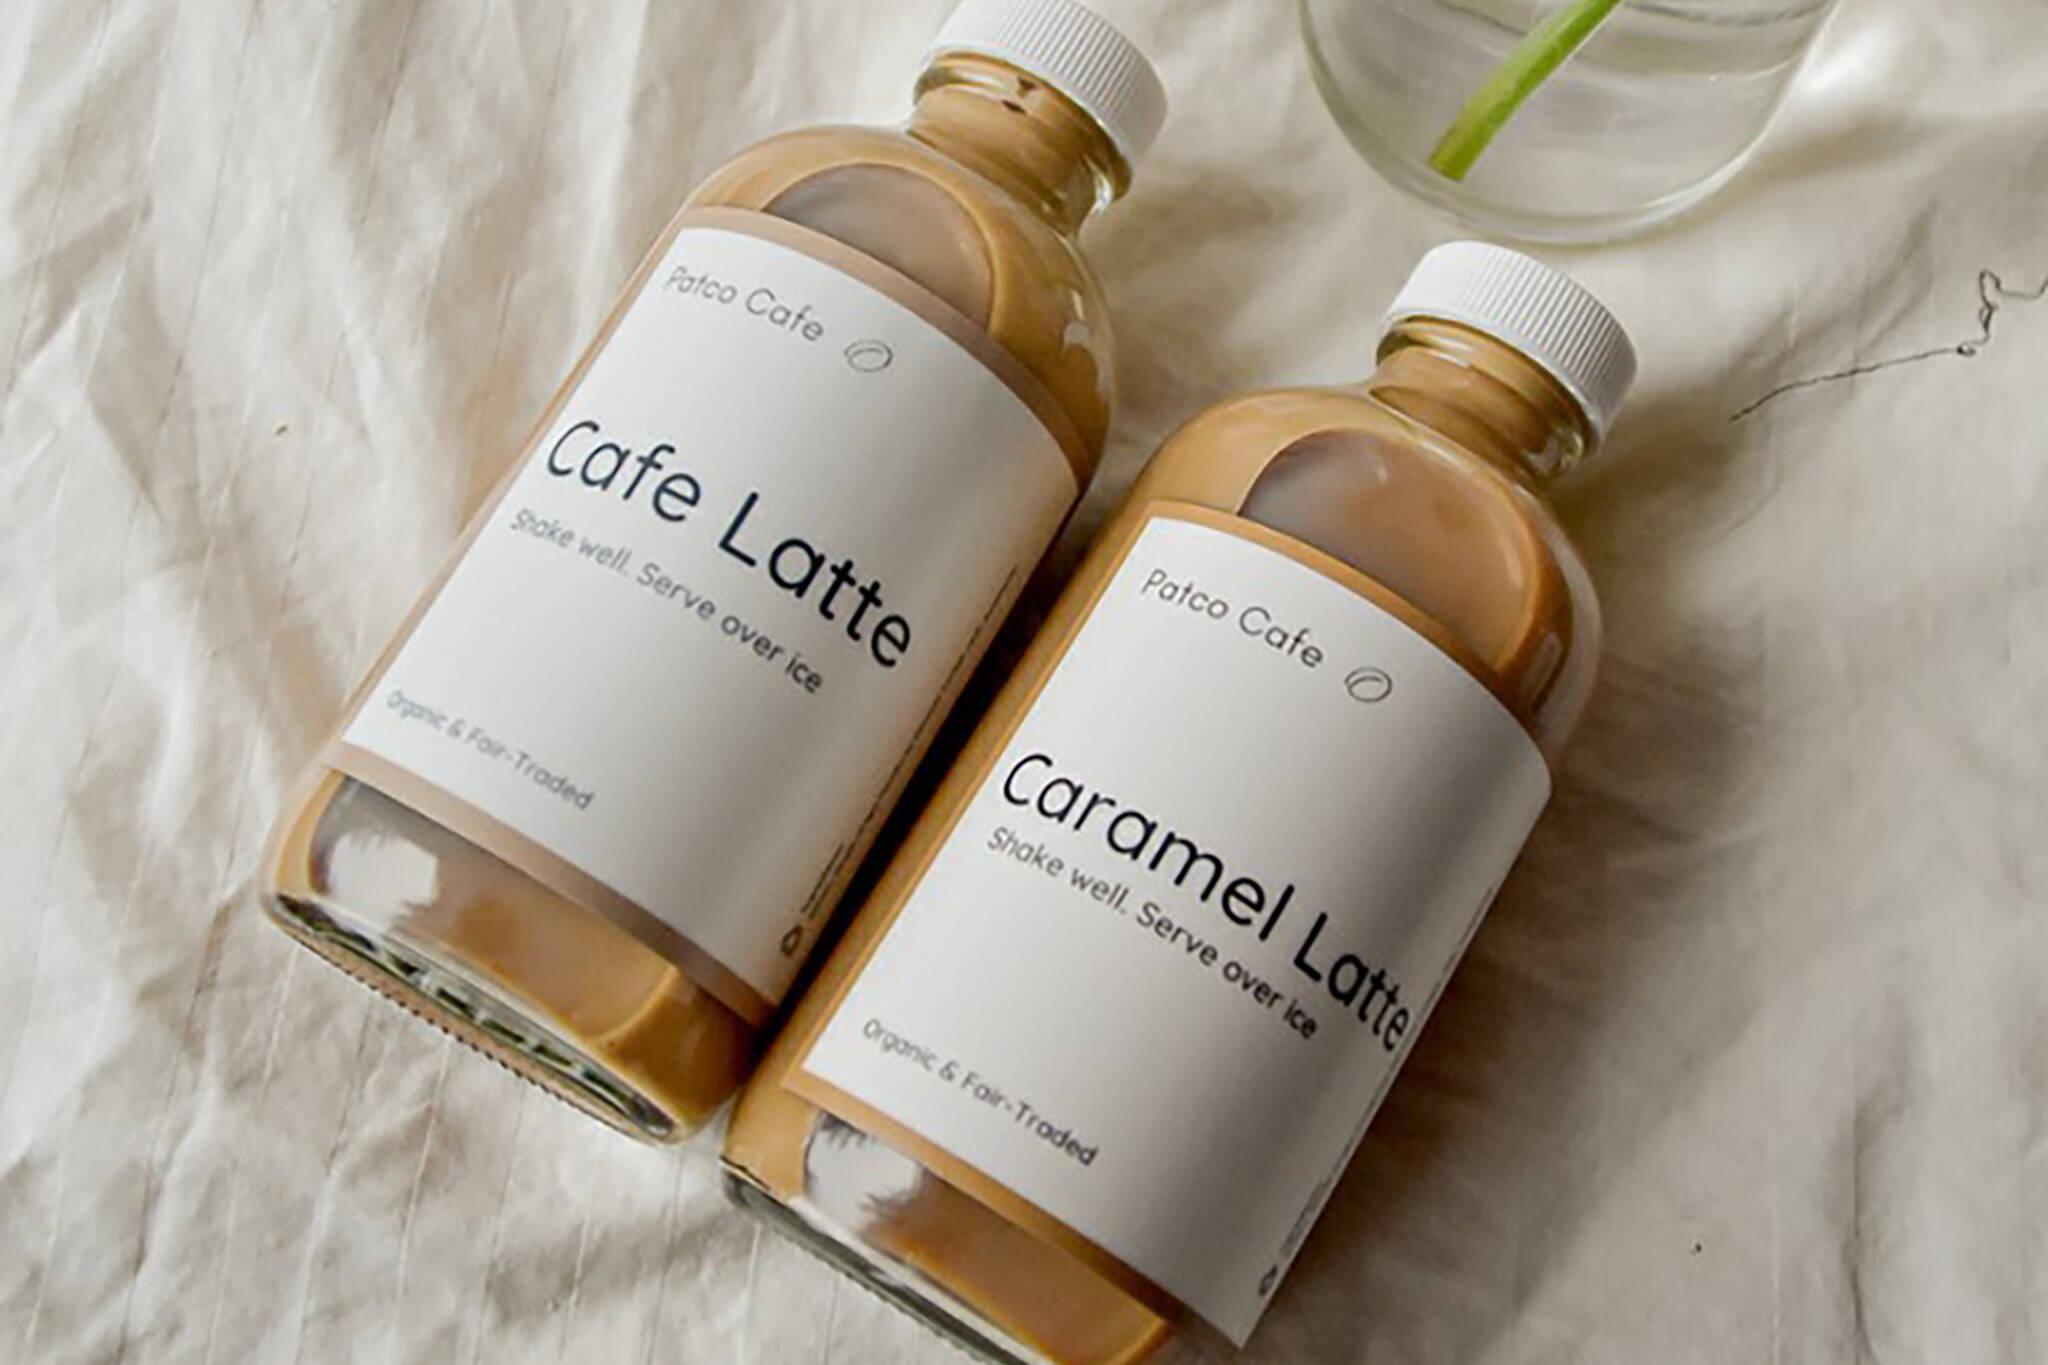 patco cafe toronto